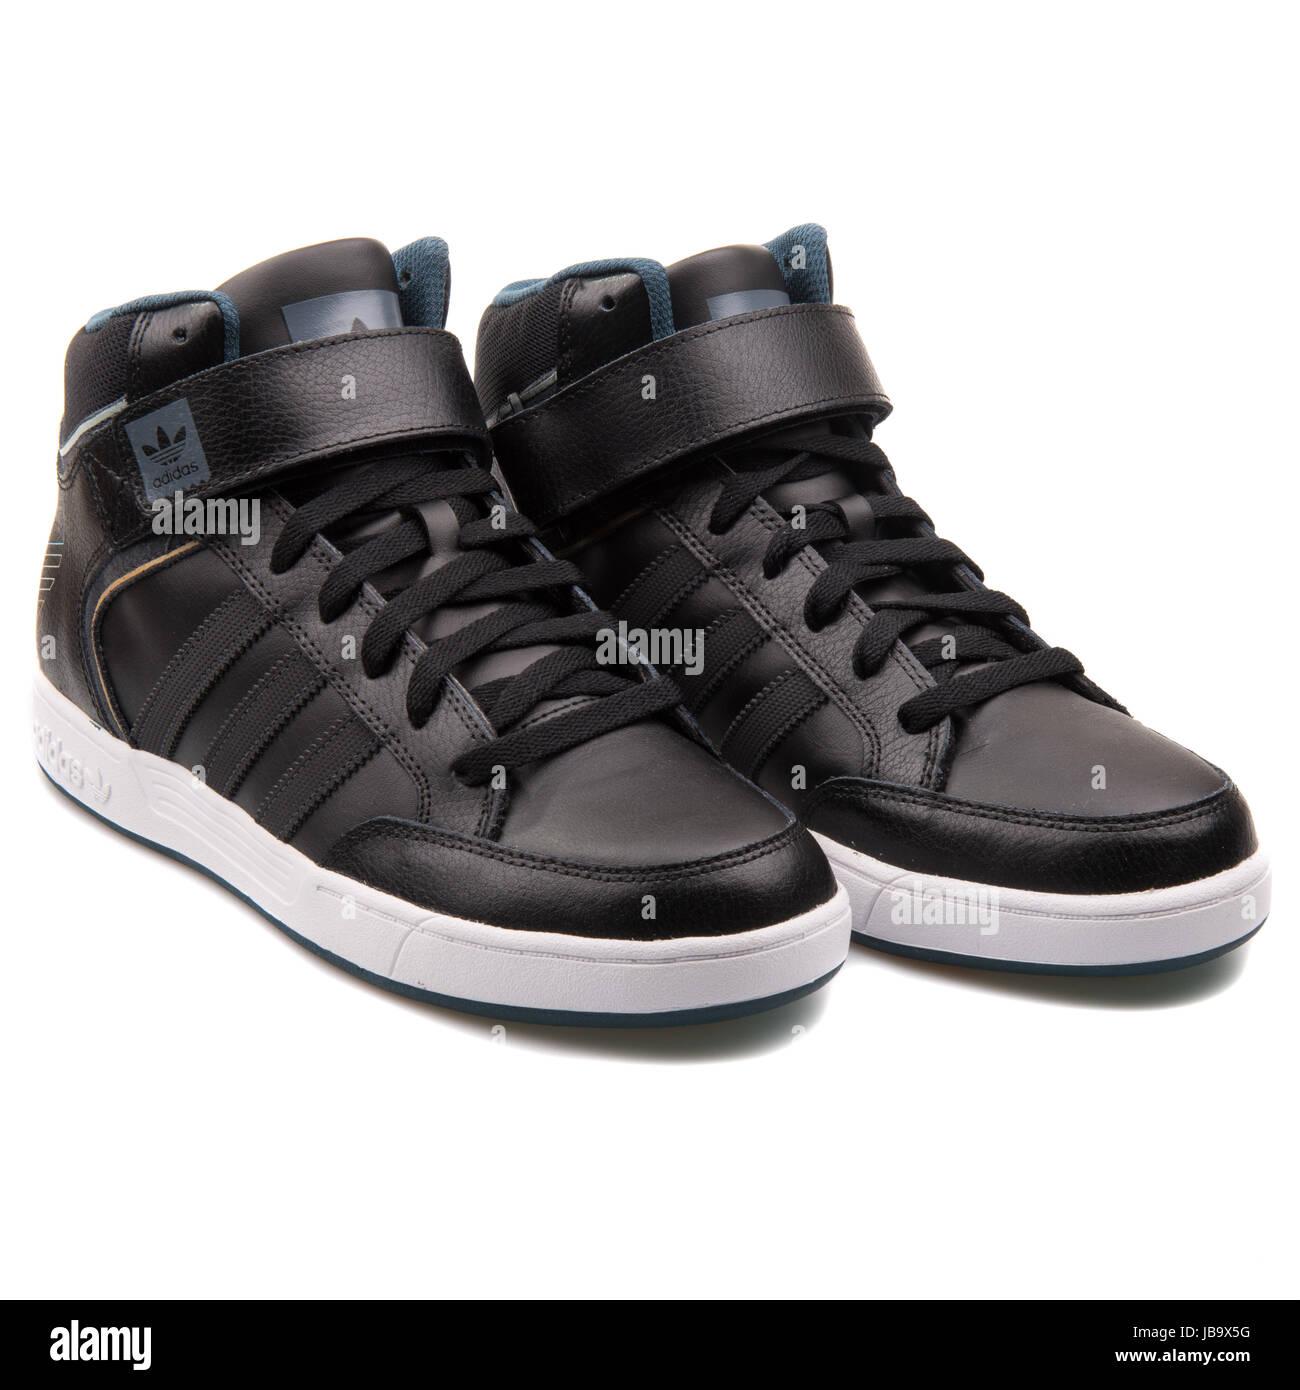 Adidas Varial mid in pelle nero Uomo Scarpe da basket - D68664